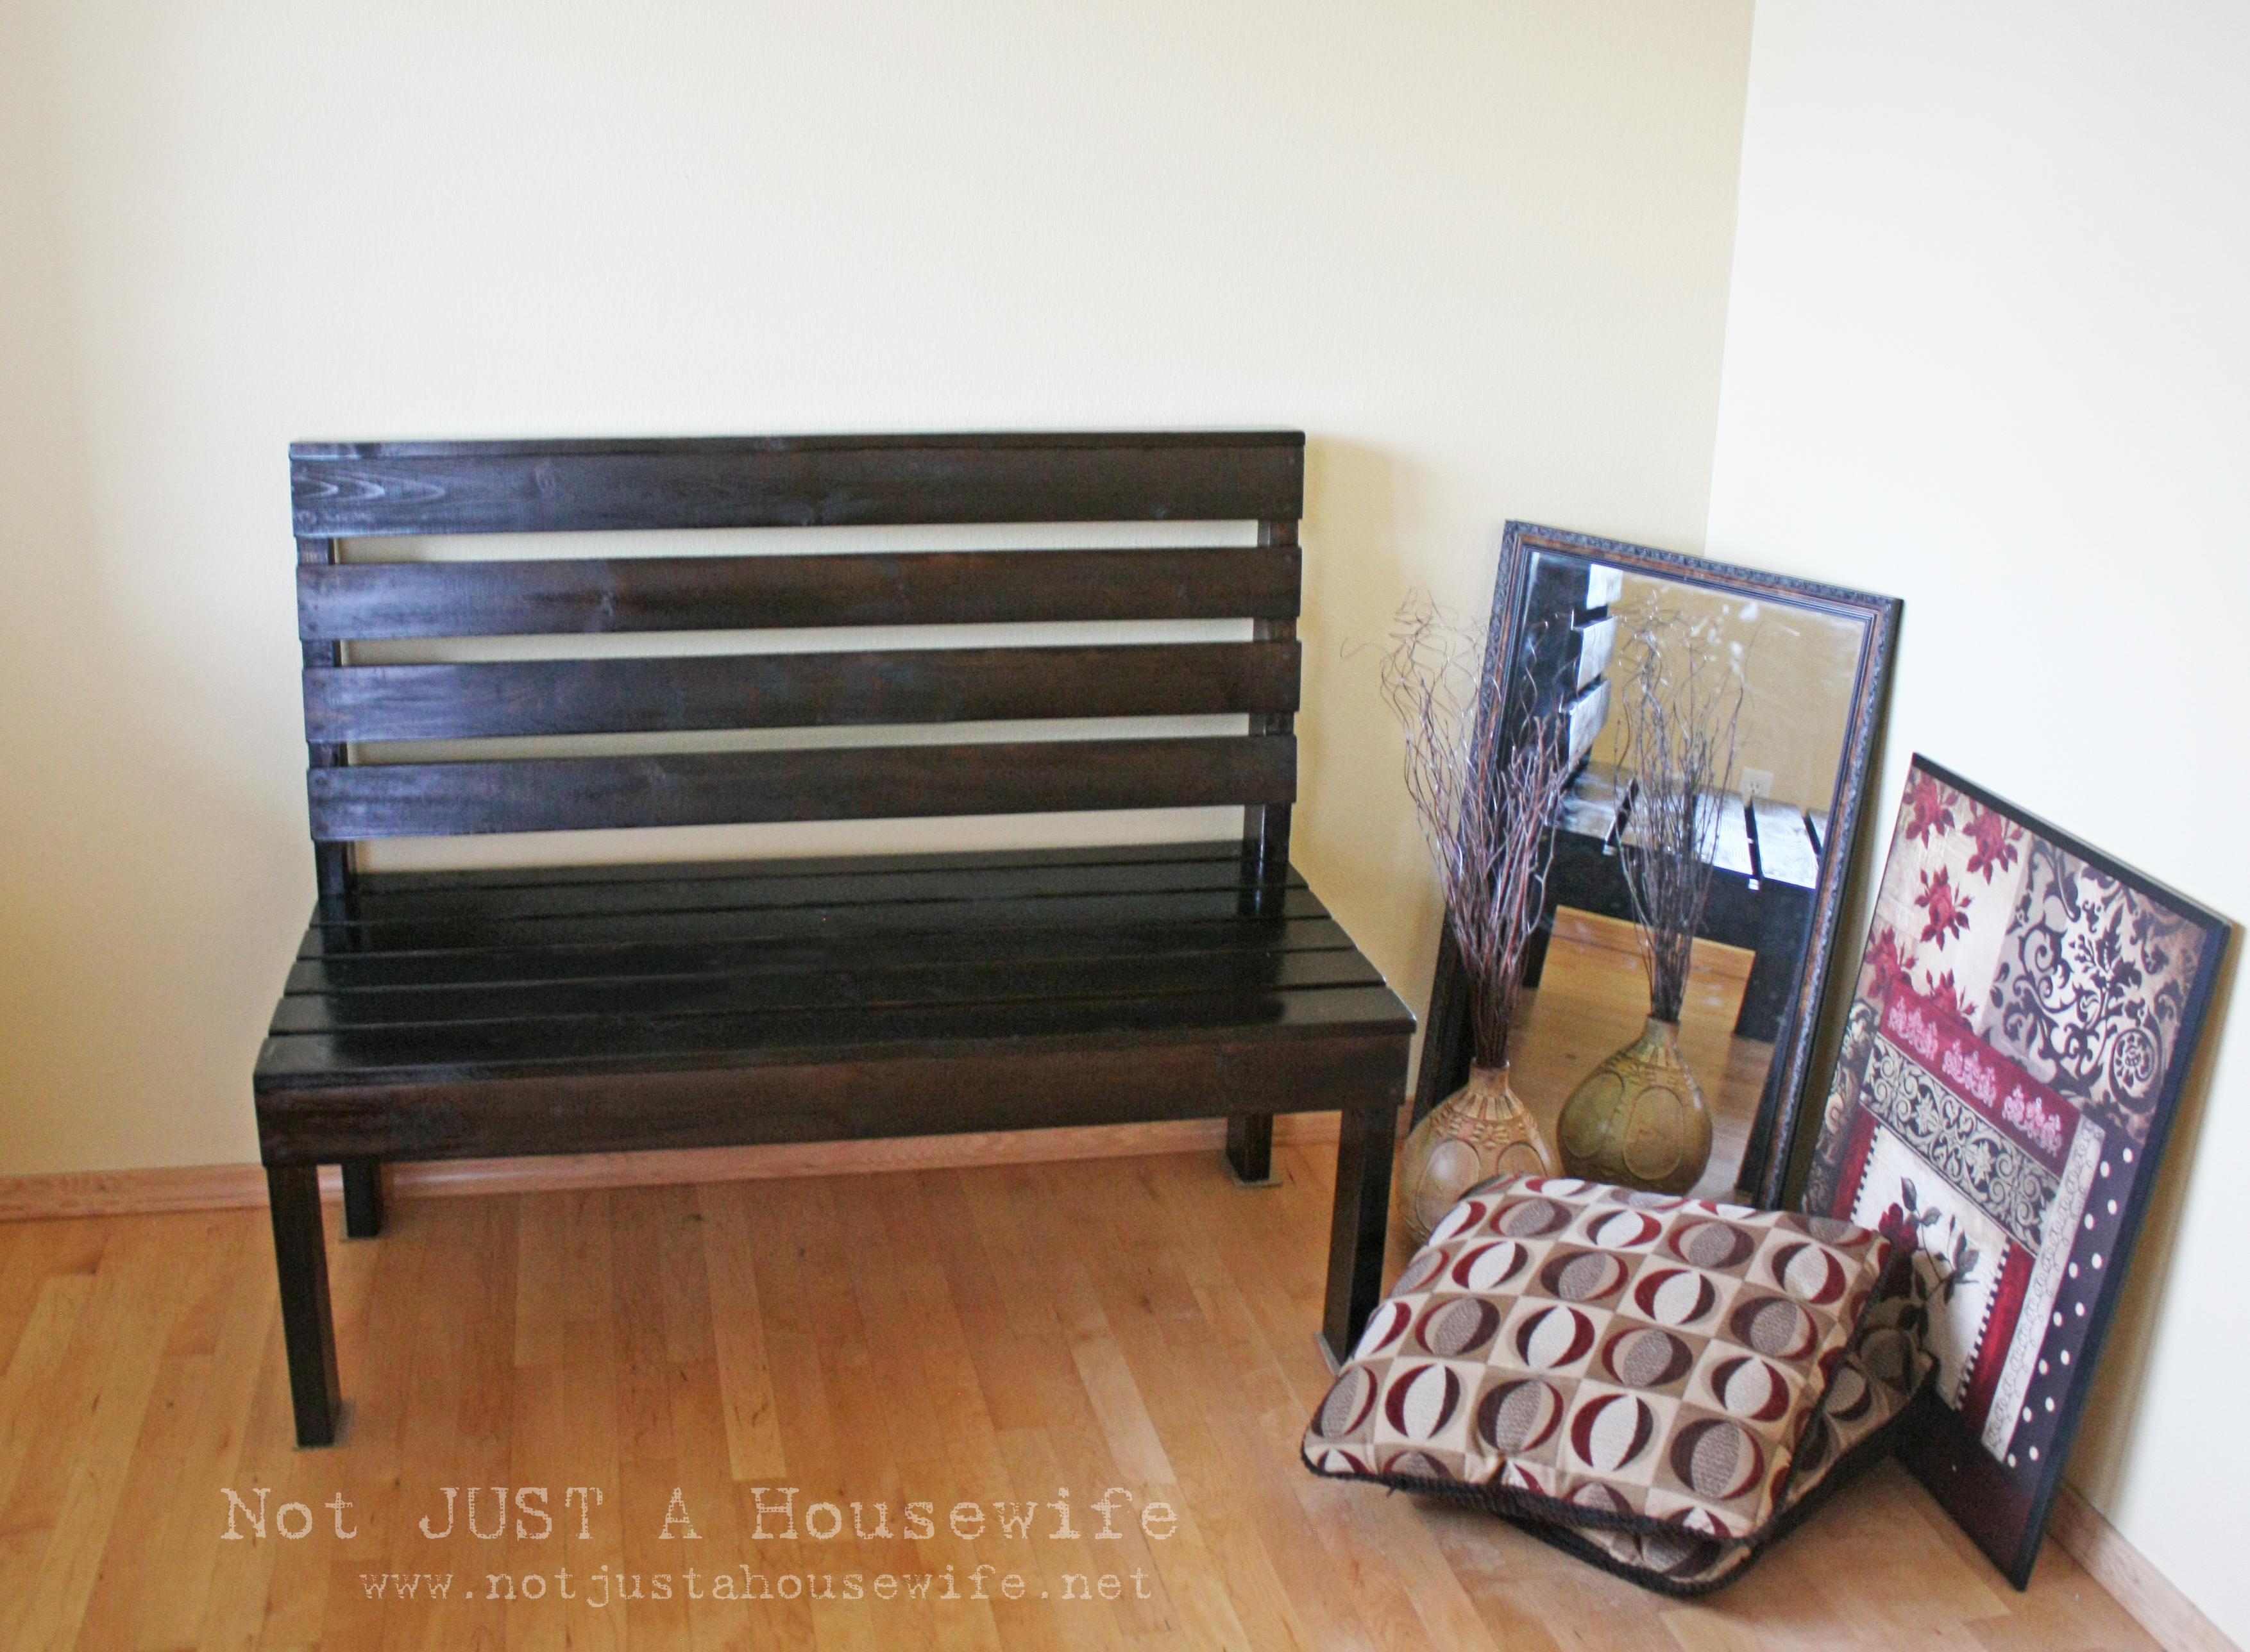 Building a mudroom bench - My